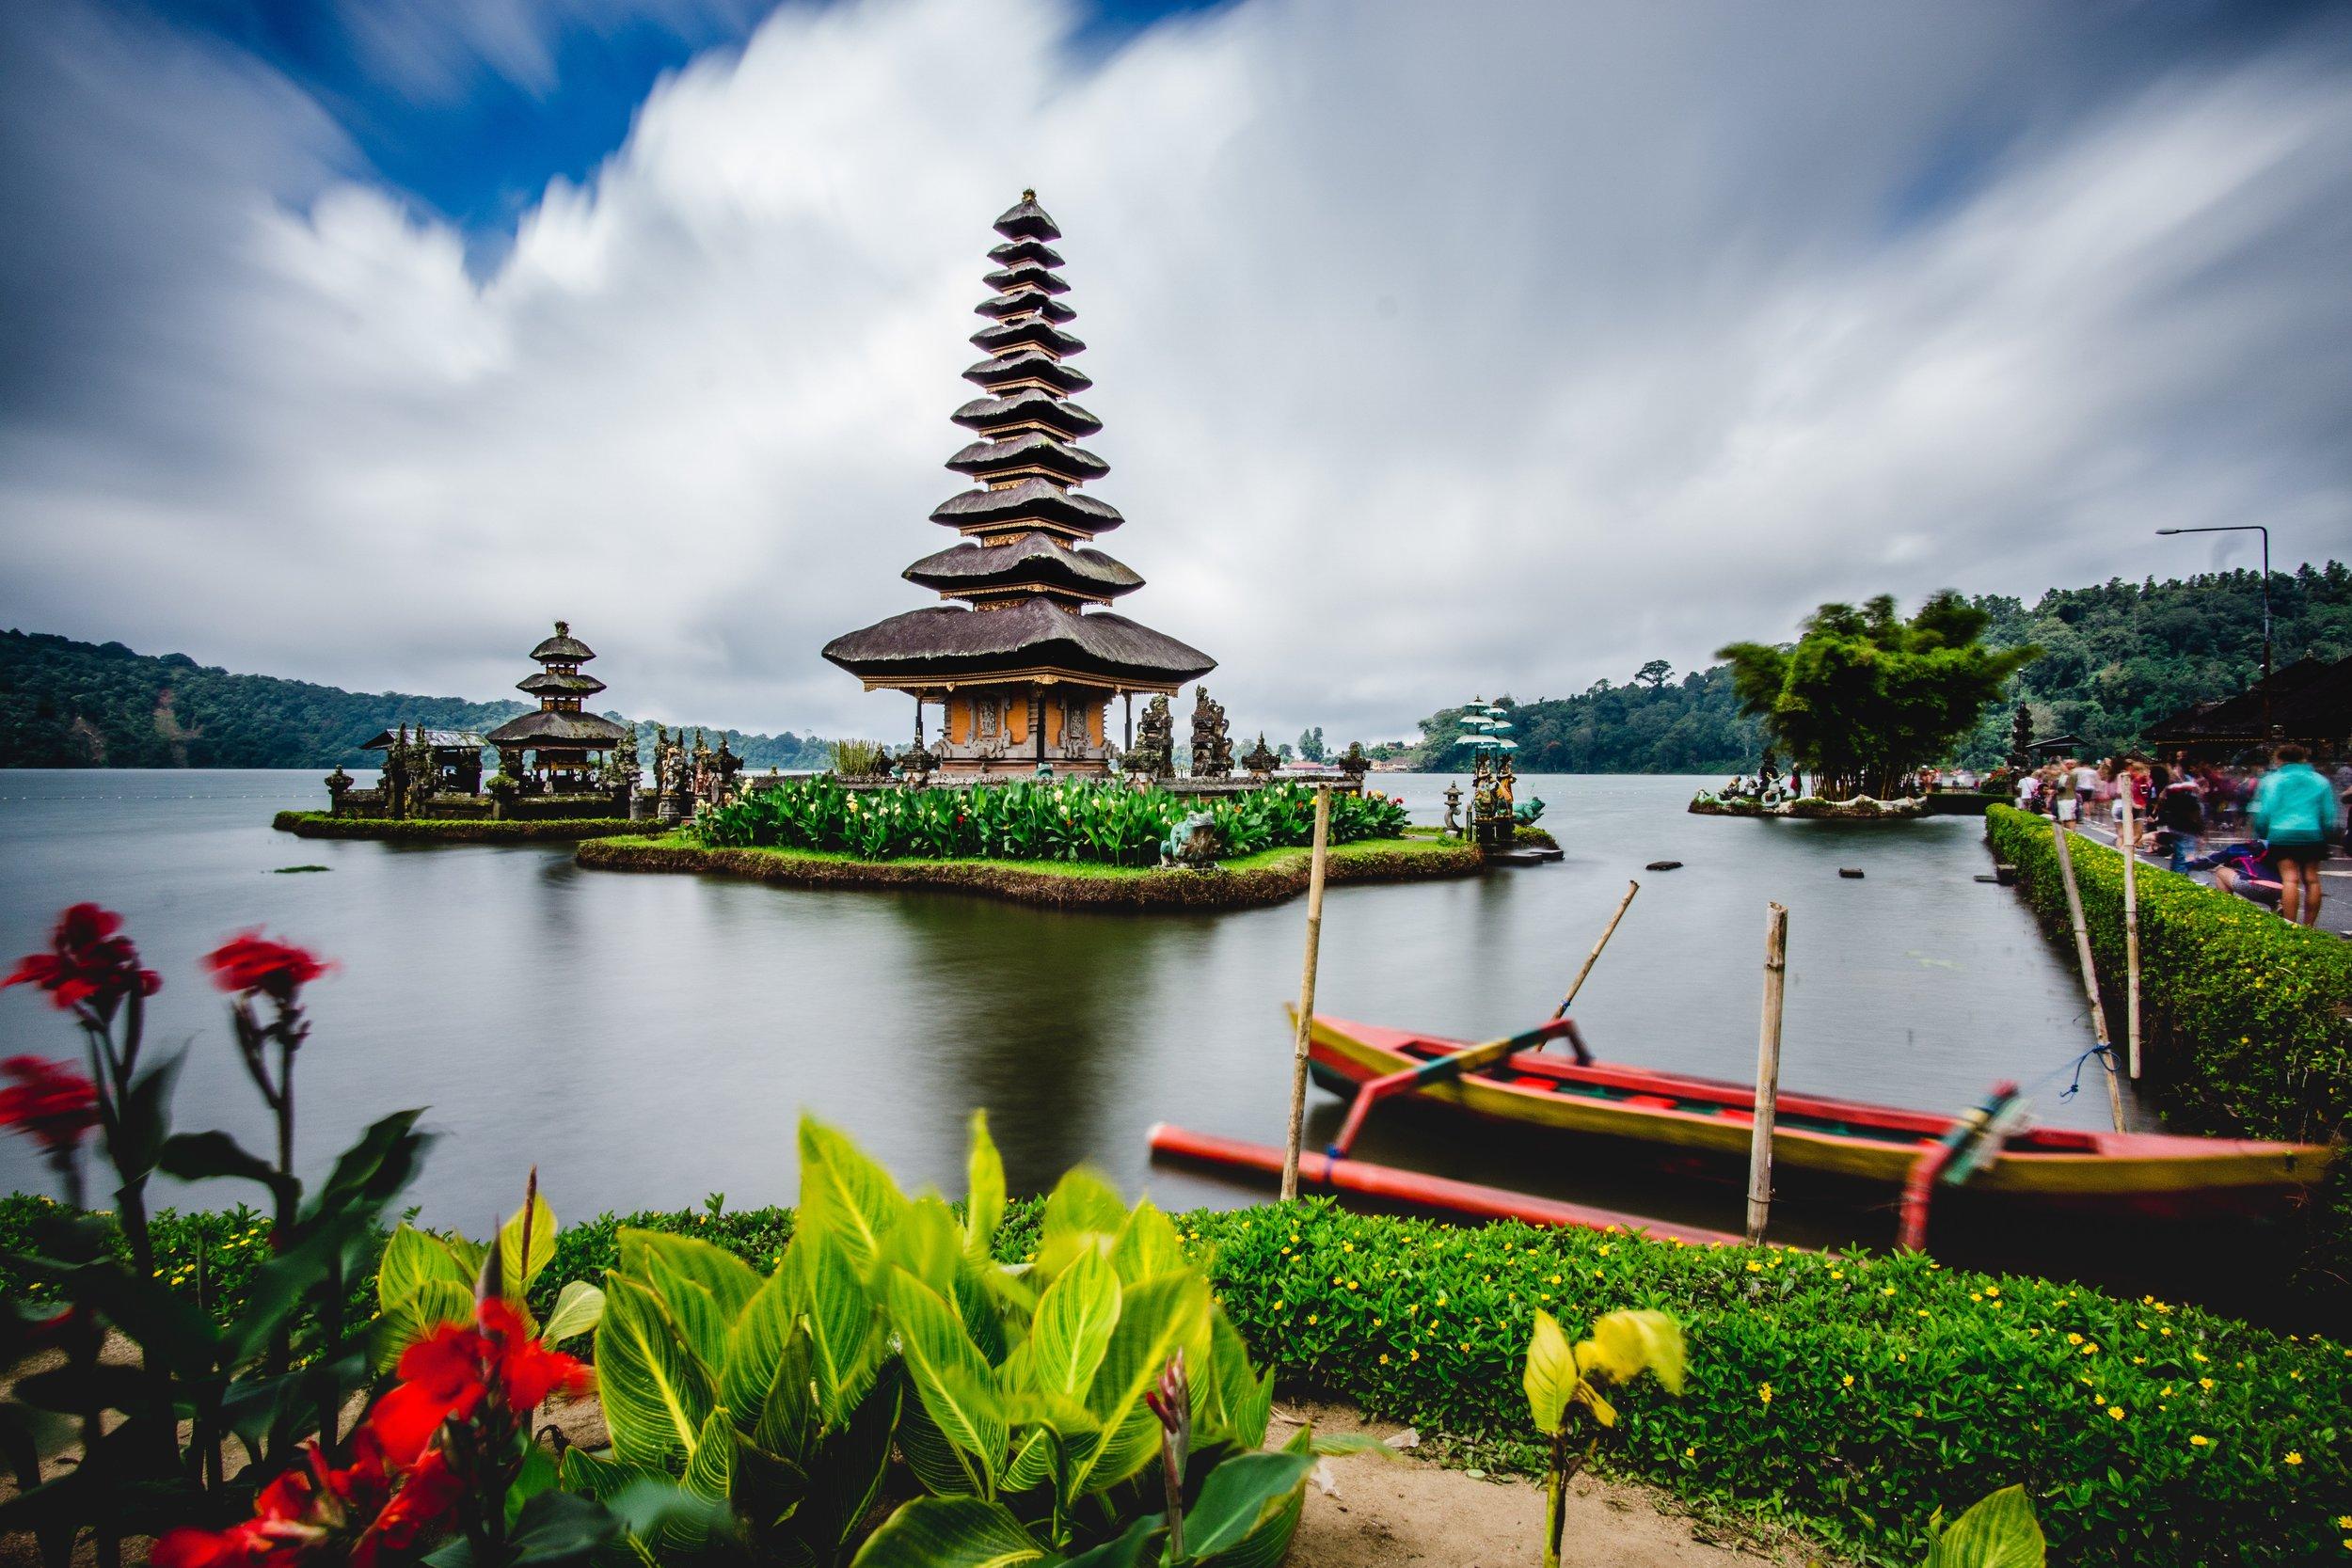 """巴厘岛是印度尼西亚唯一信奉印度教的地区。80%的人信奉印度教。主要通行的语言是印尼语和英语。由于巴厘岛万种风情,景物甚为绮丽。因此,它还享有多种别称,如""""神明之岛""""、""""恶魔之岛""""、""""罗曼斯岛""""、""""绮丽之岛""""、""""天堂之岛""""、""""魔幻之岛""""、""""花之岛""""等。"""